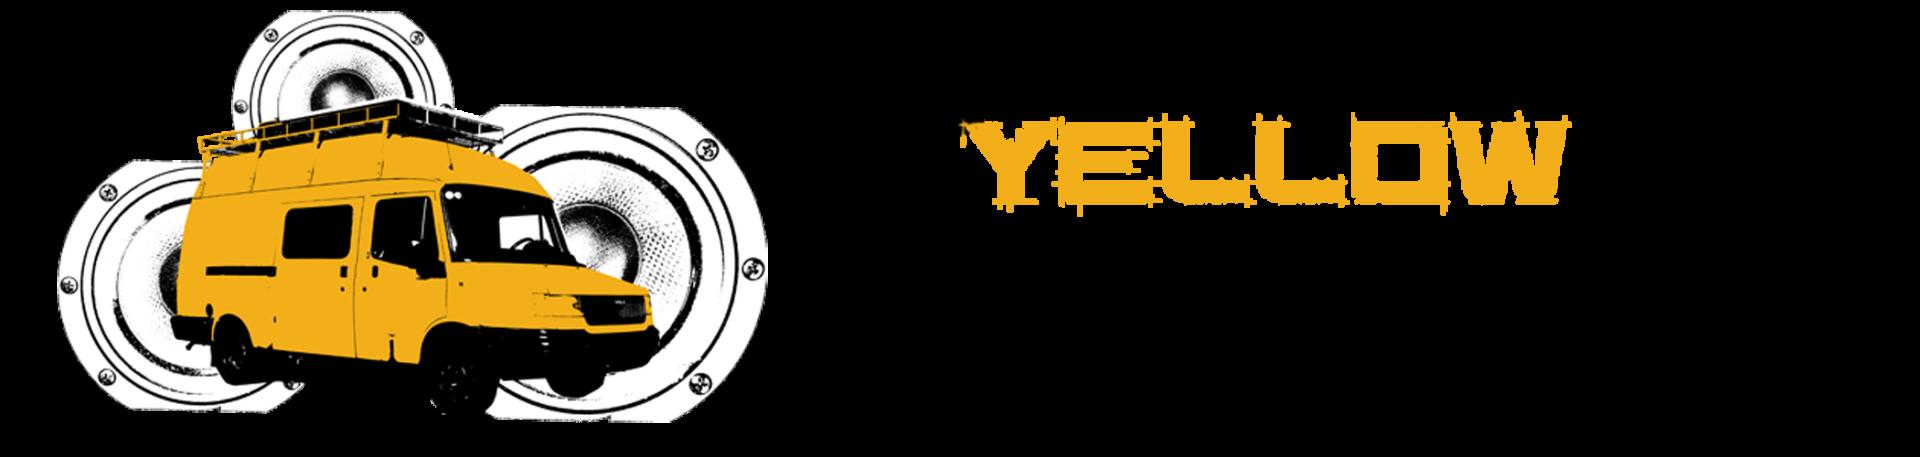 The Yellow Sound Machine